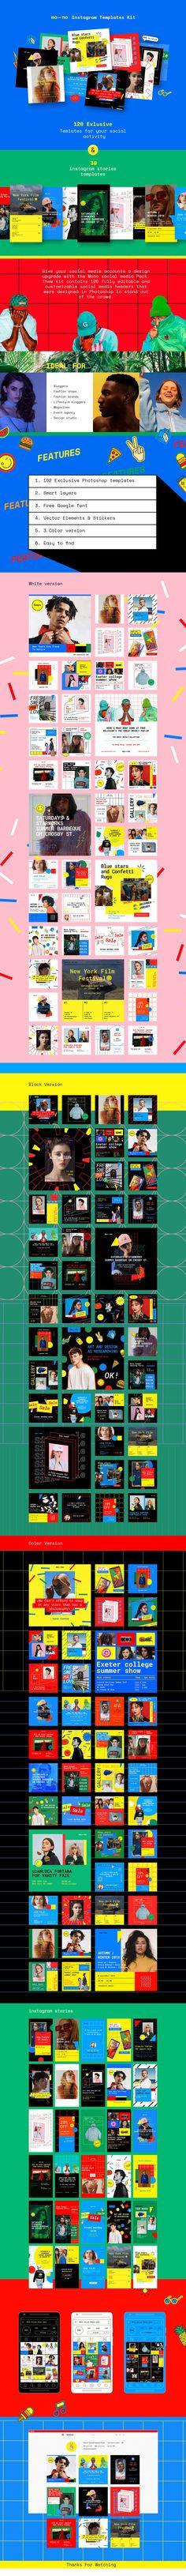 Mono Instagram Templates Kit